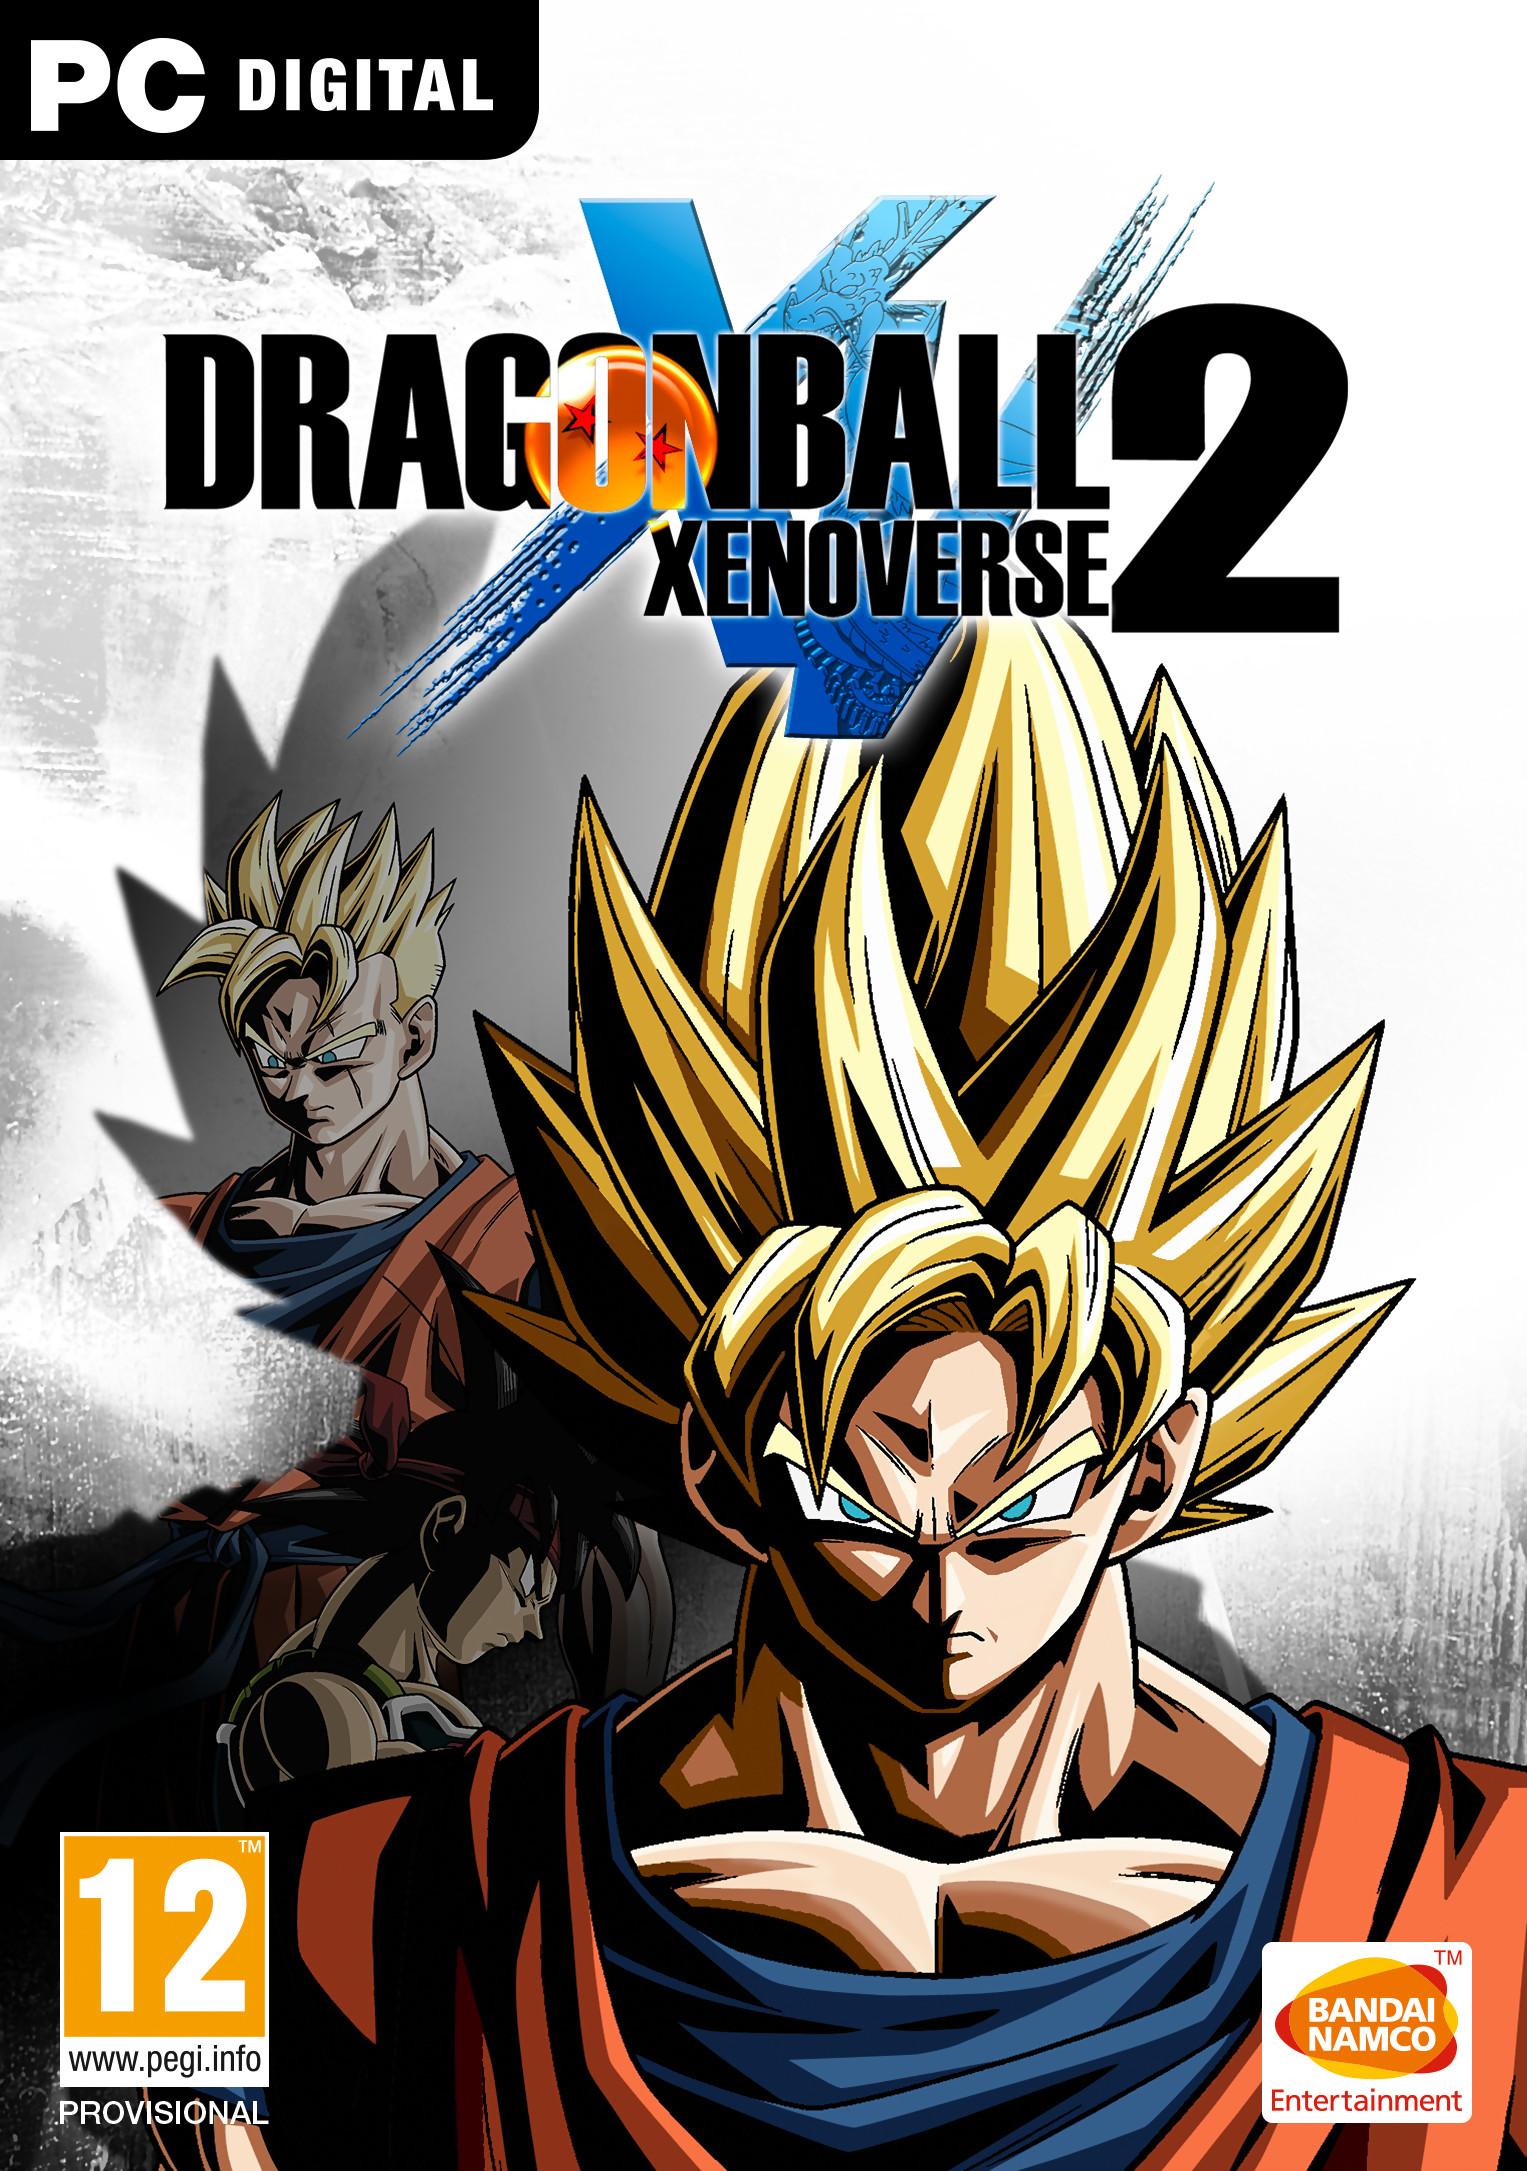 Dragon ball xenoverse 2 astuces cheats codes et troph es du jeu - Photo de dragon ball z ...